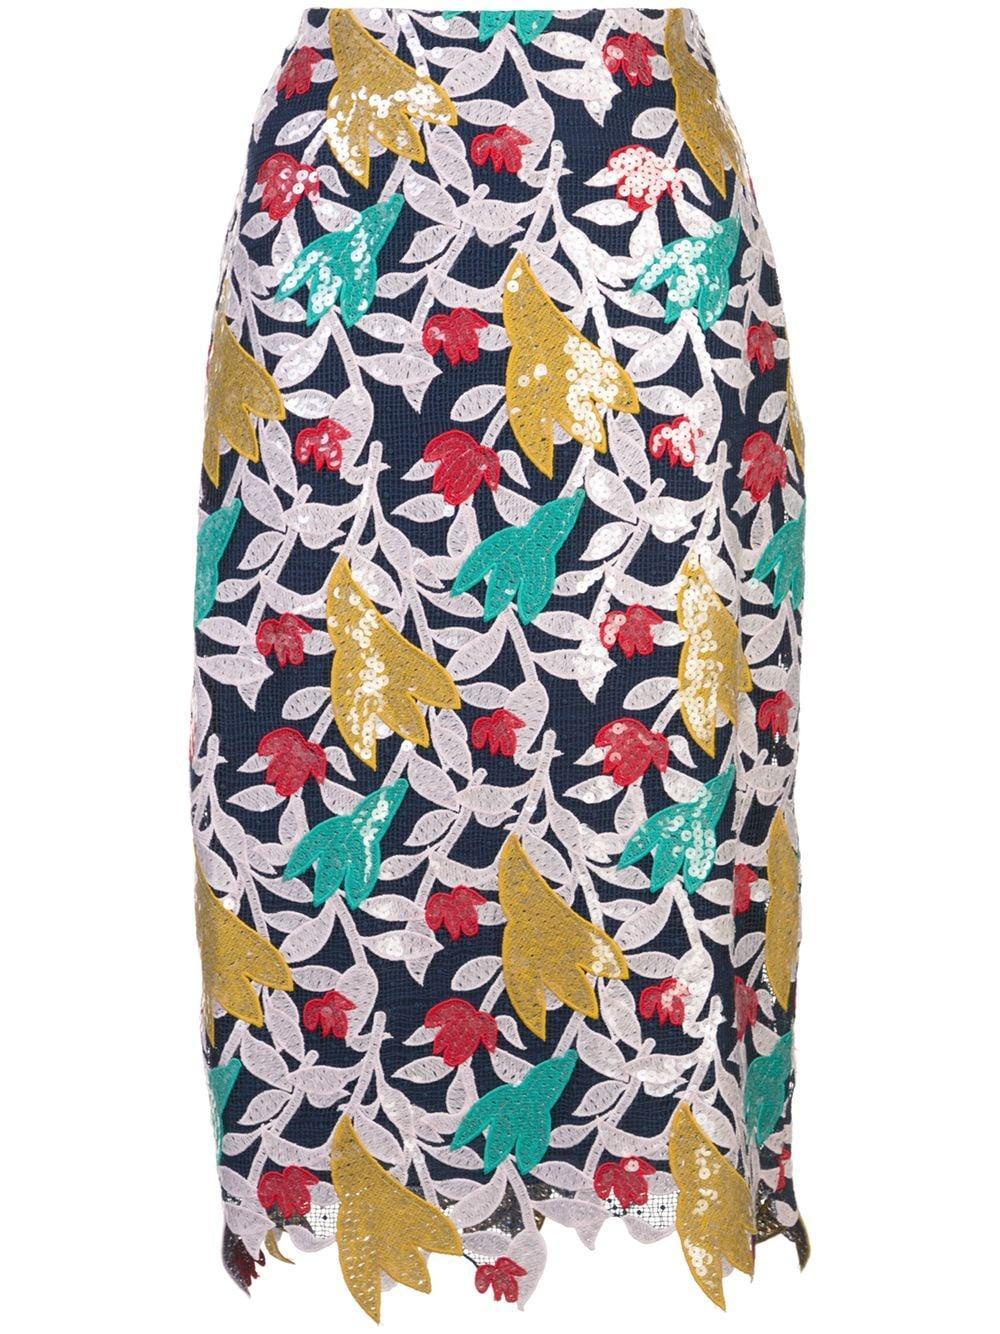 Prabal Gurung floral appliqué pencil skirt